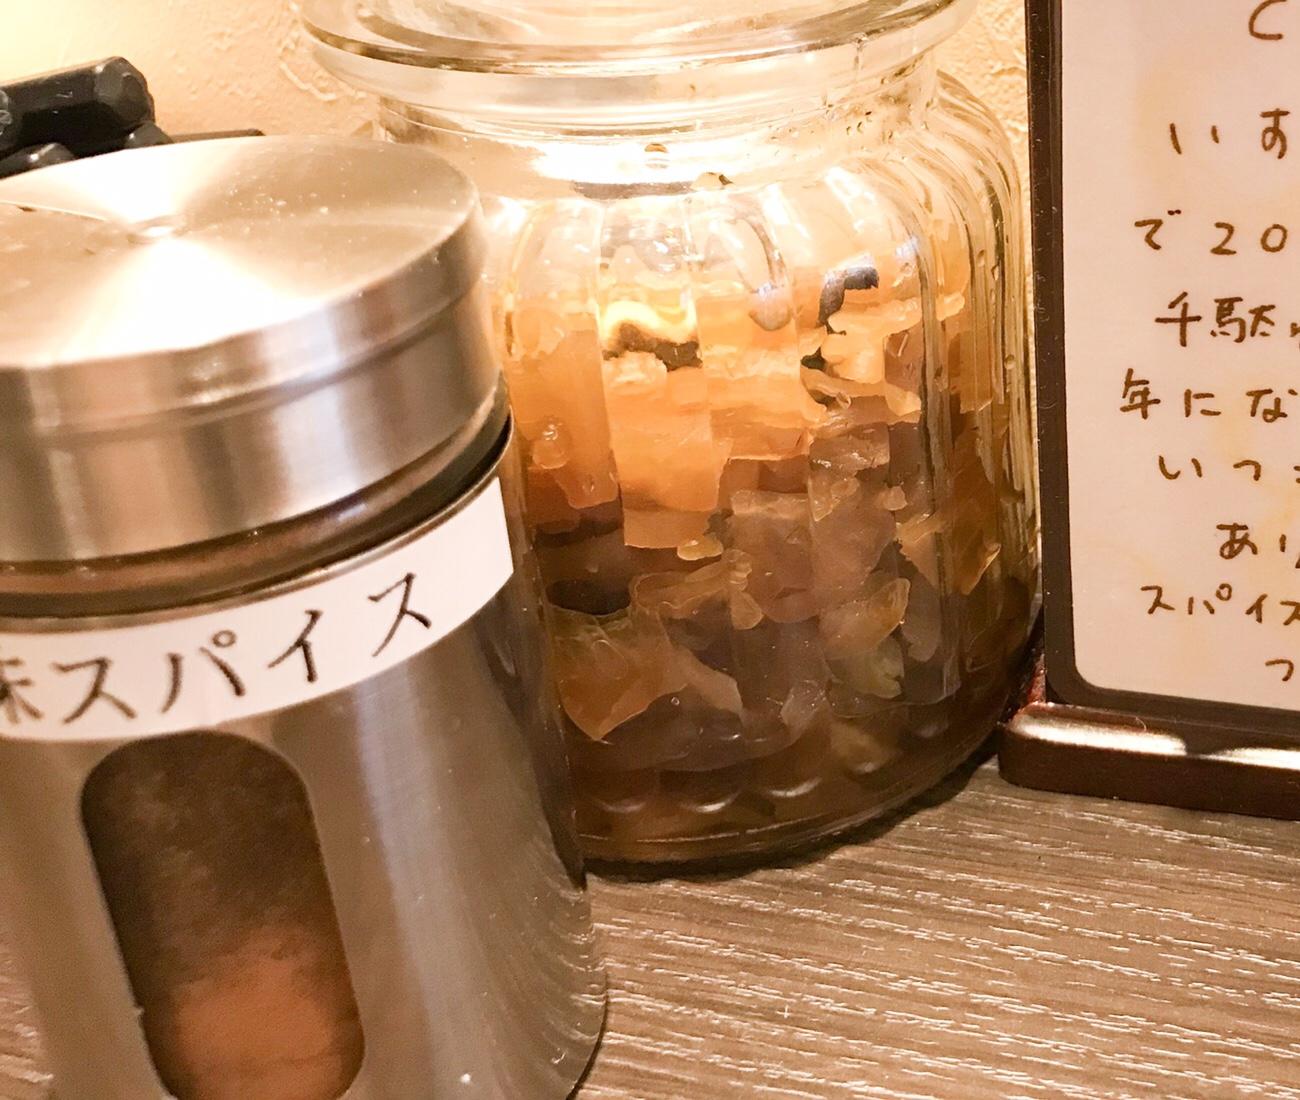 東京いずみカリー千駄ヶ谷。いずみカリー水道橋店もオープン